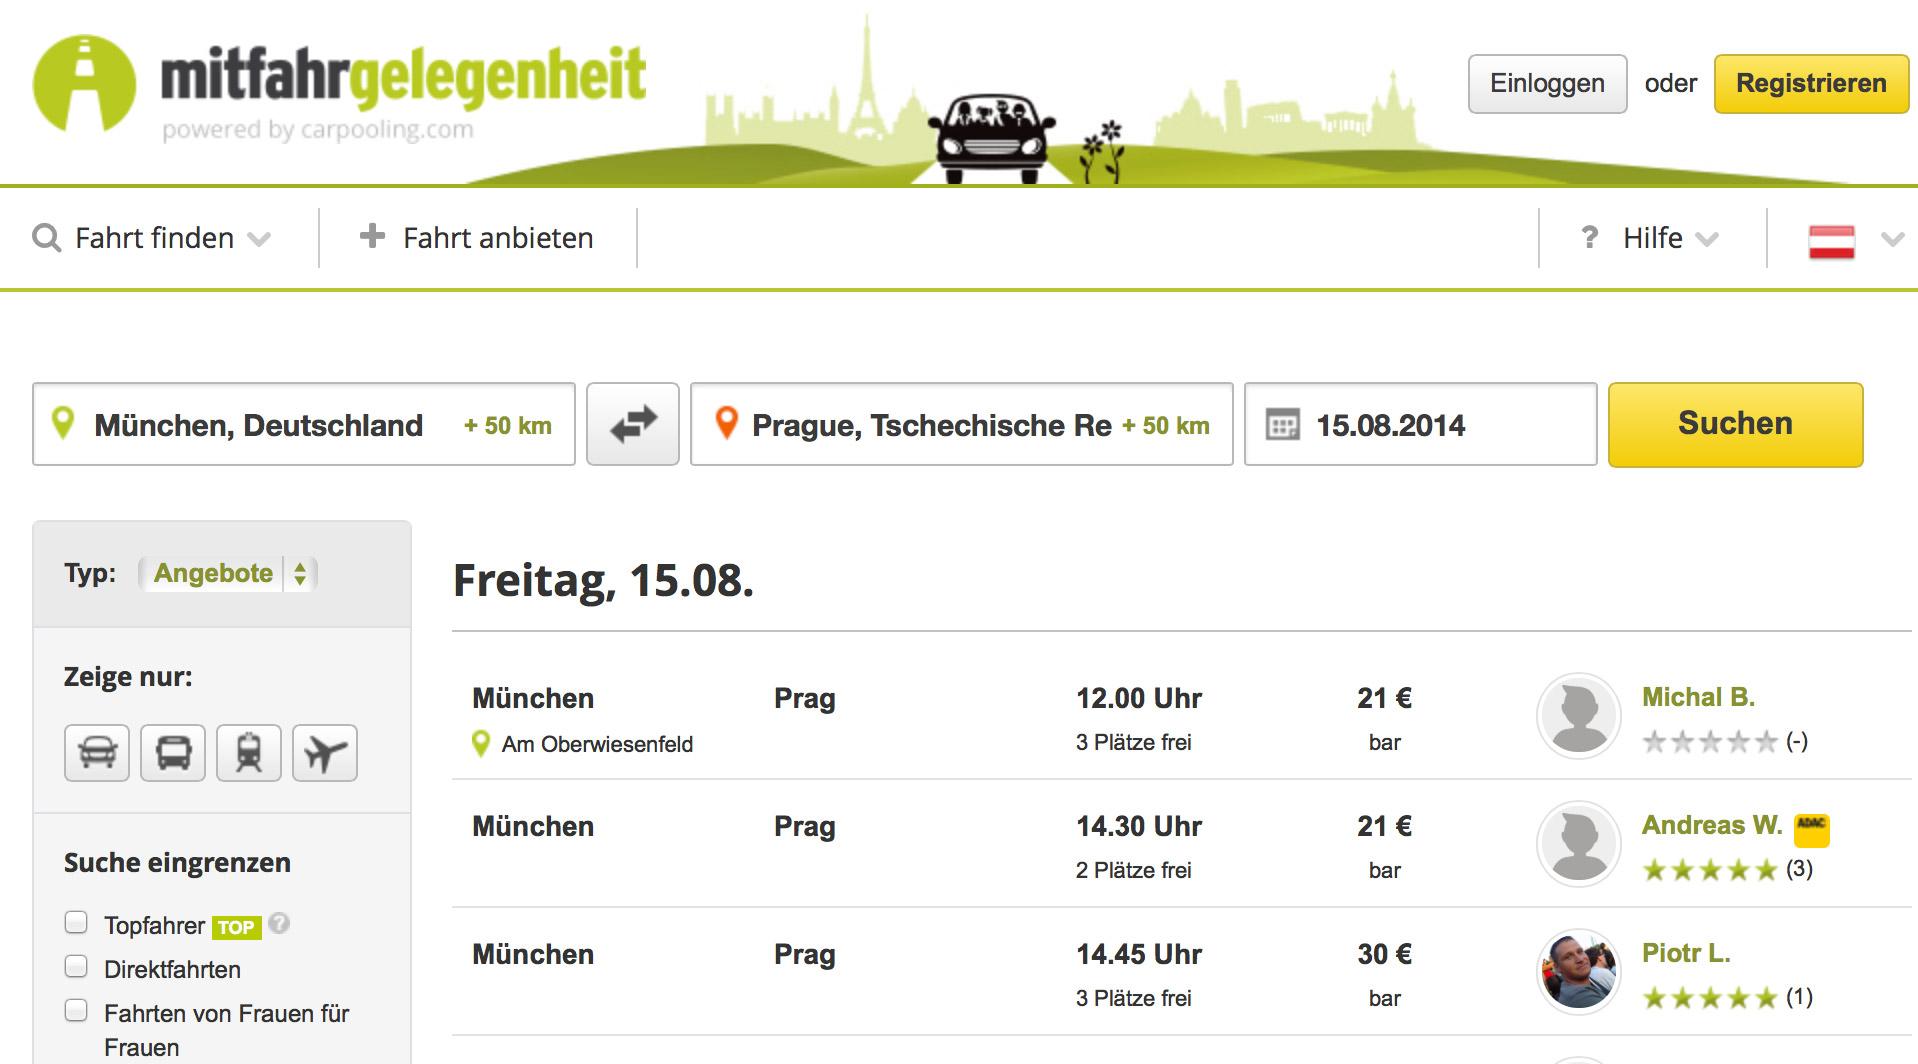 Платформа для поиска попутчиков - Mitfahrgelegenheit.at